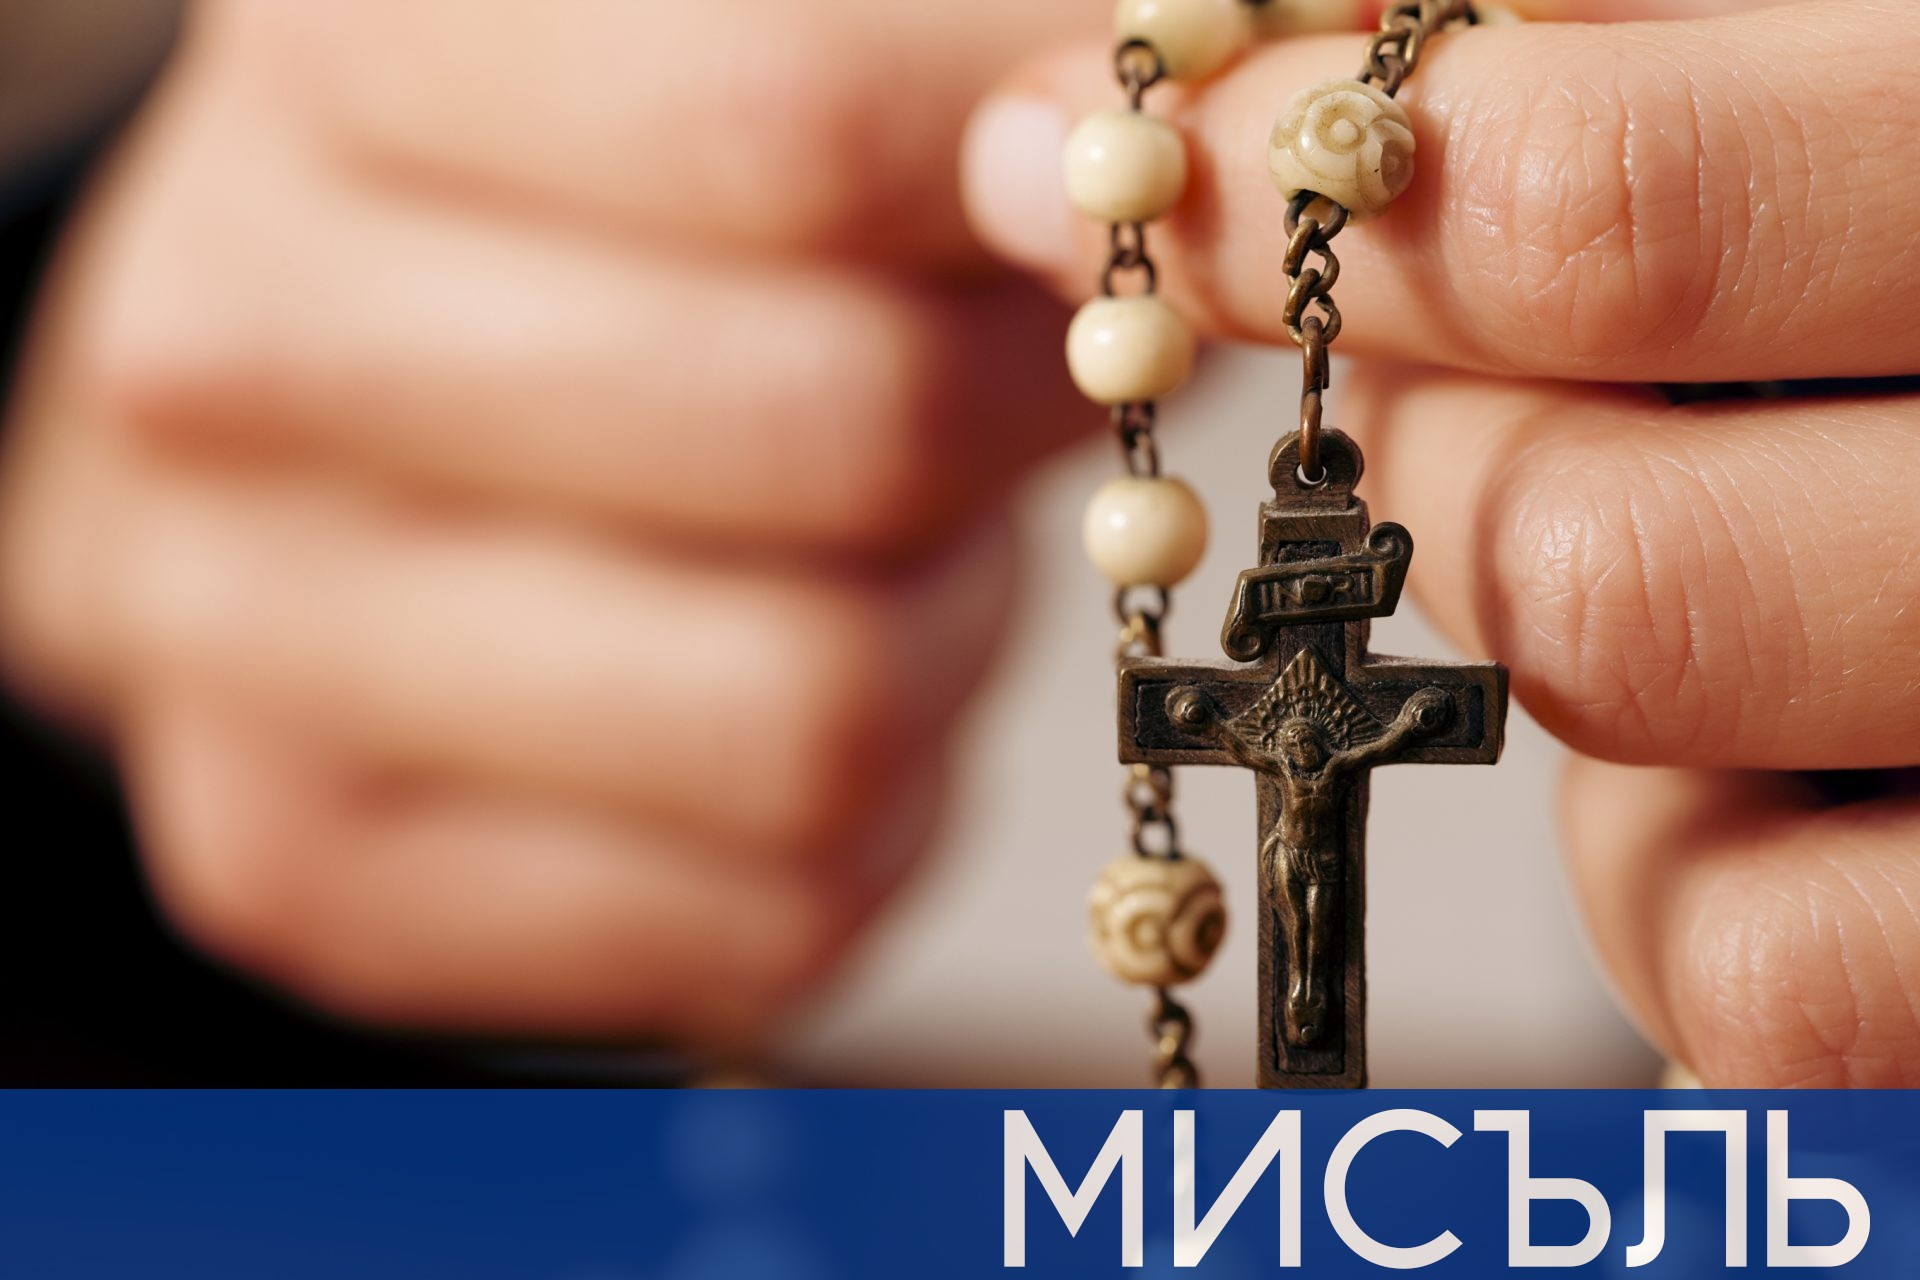 Защо Русия отвлича главата на българските католици – Йосиф Соколски?